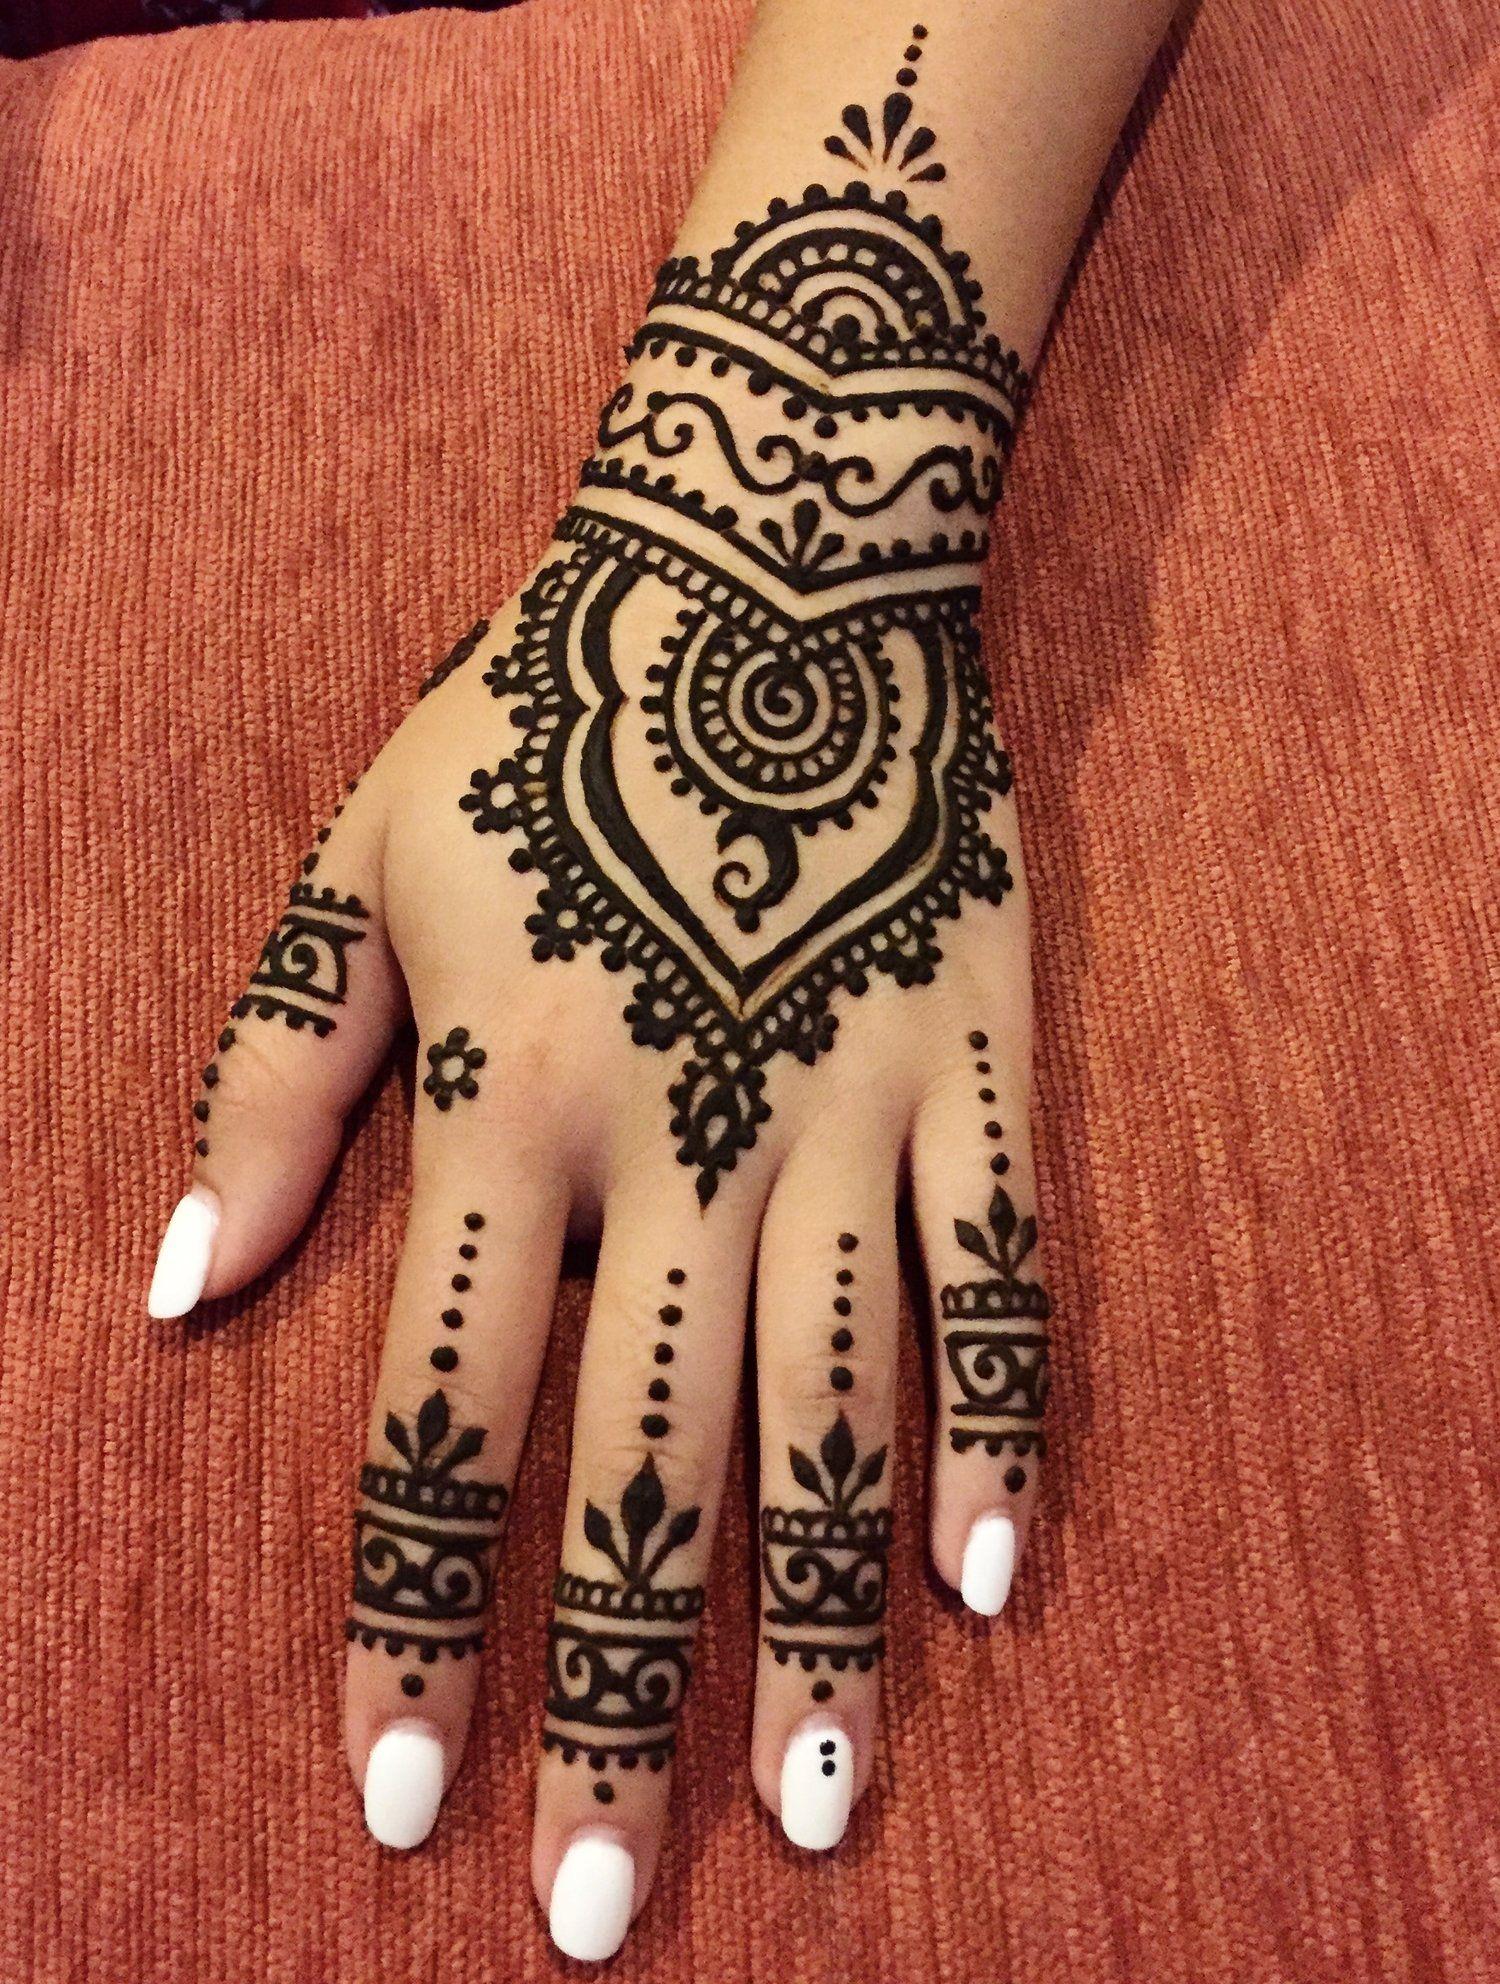 Henna Henna Tattoo Designs Henna Tattoo Hand Henna Designs Hand